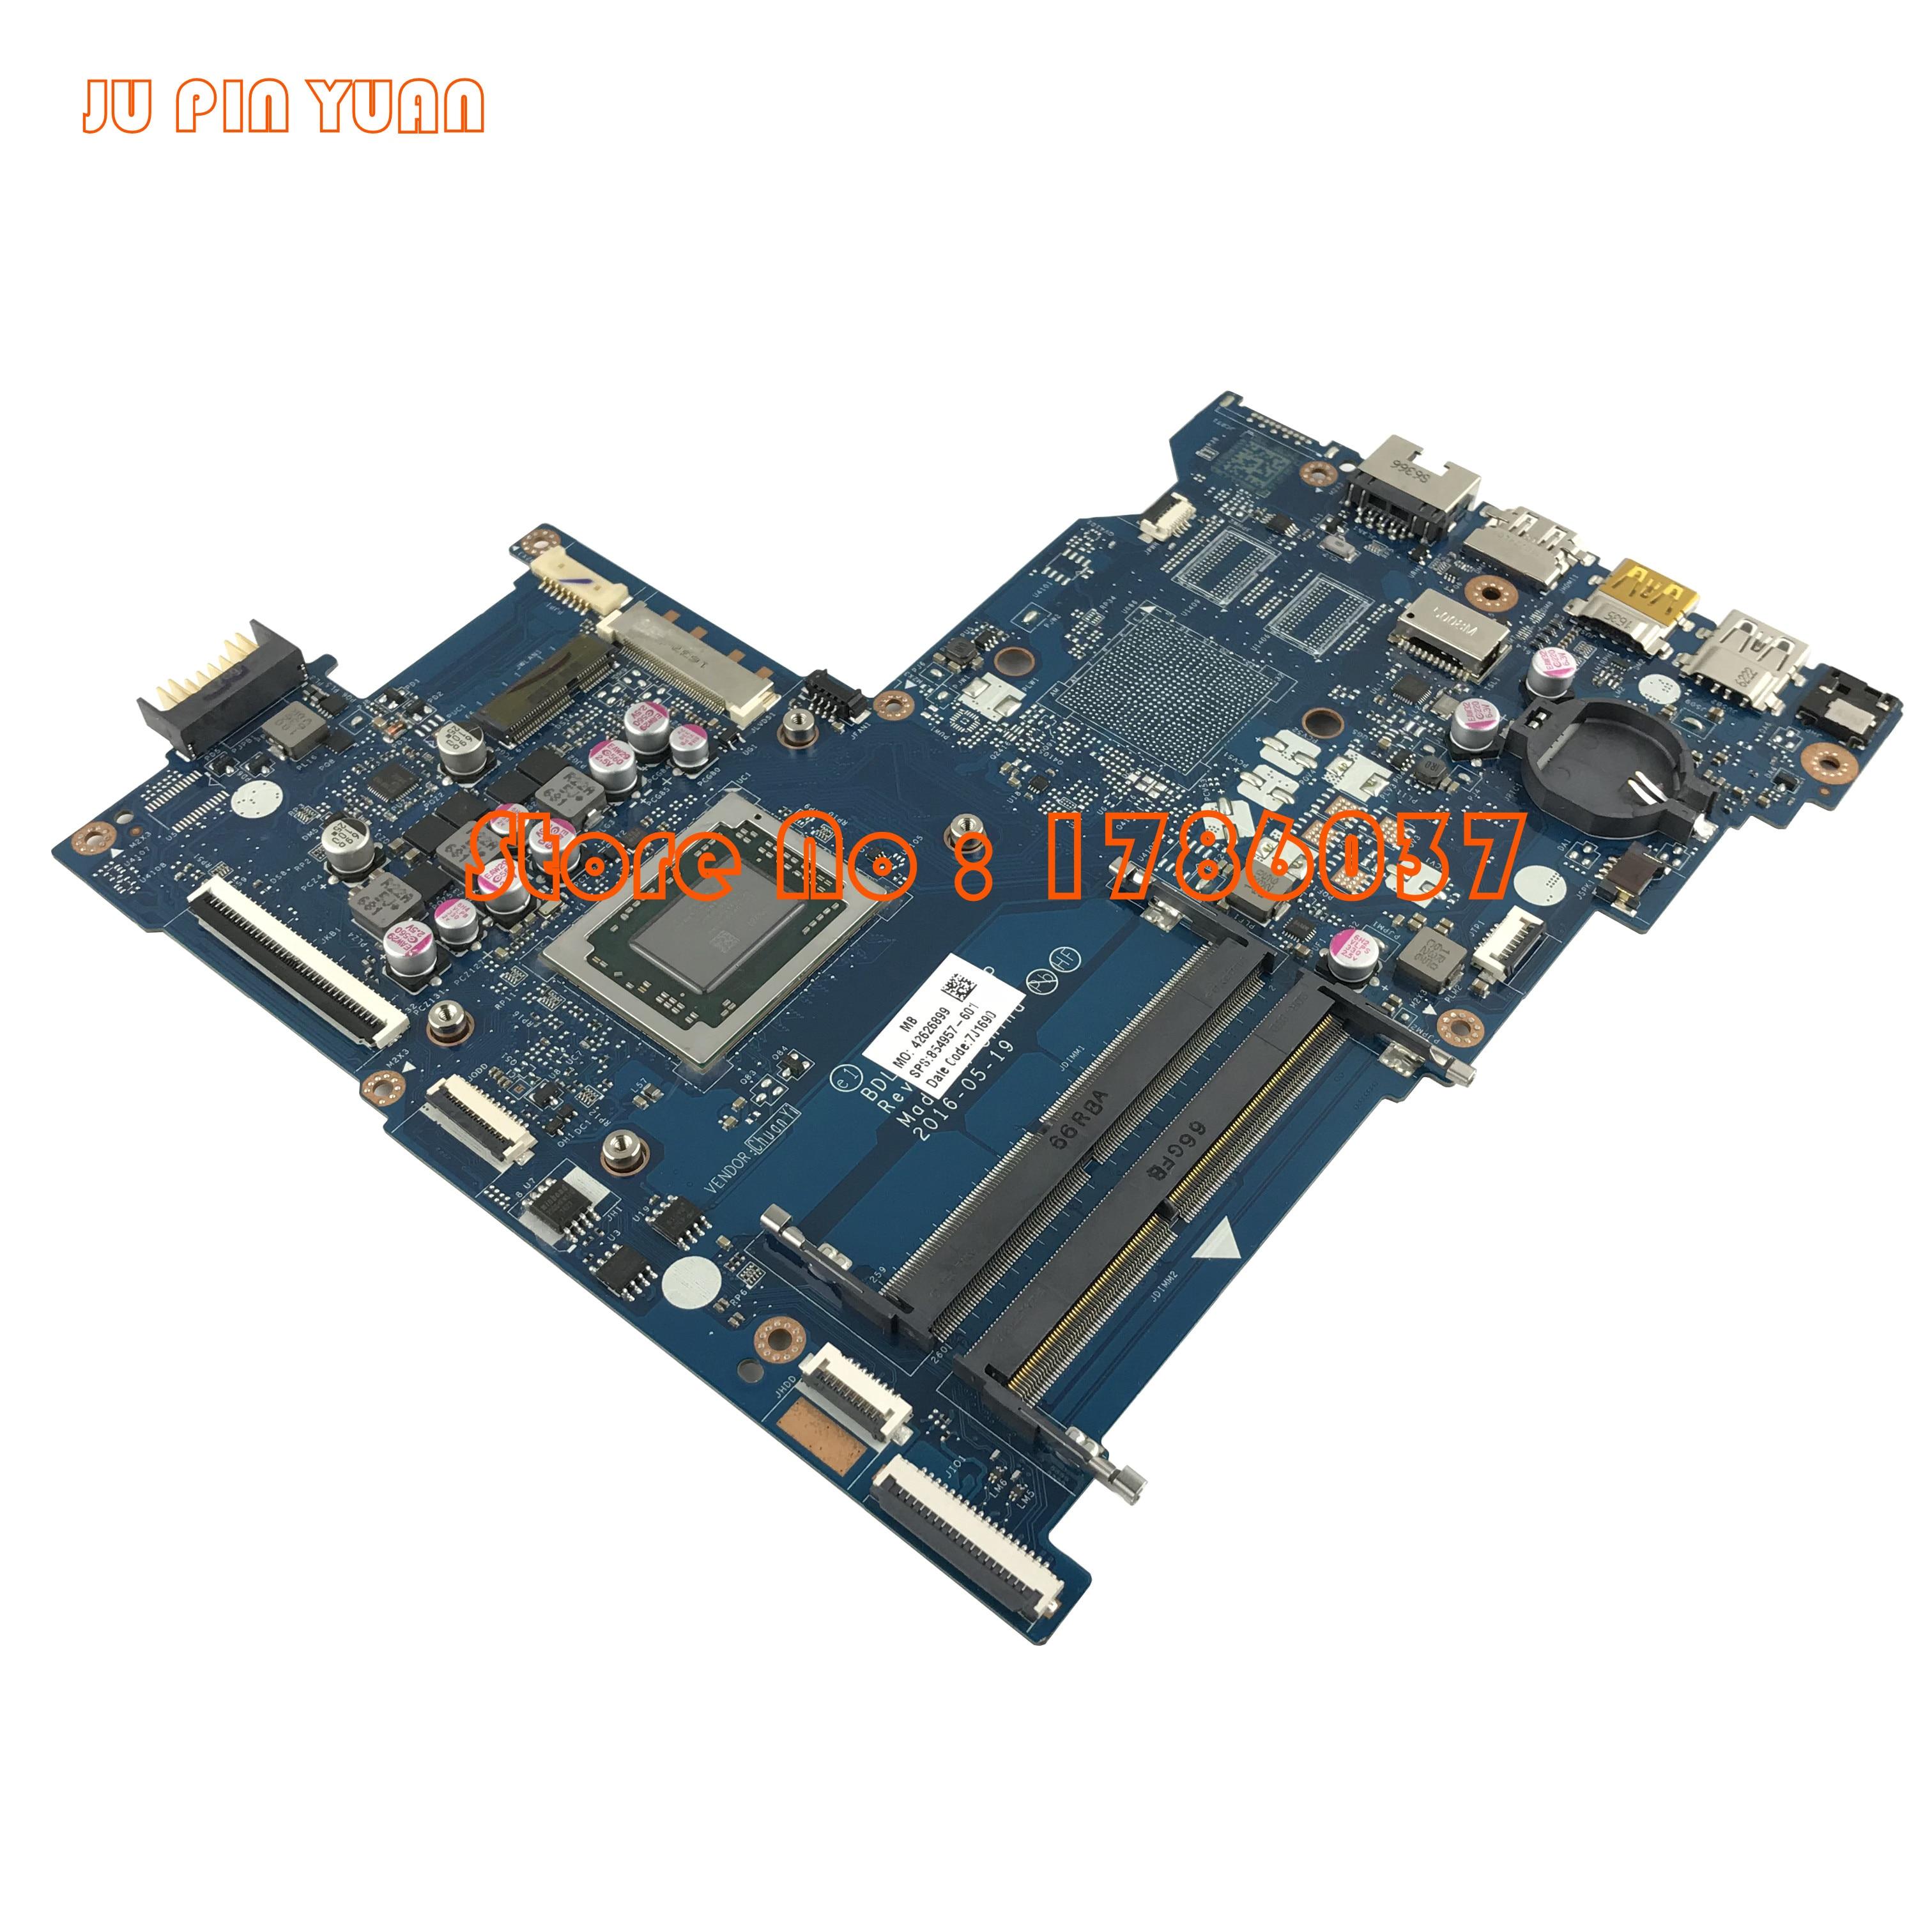 JU PIN YUAN 854957-601 854957-001 LA-D713P voor HP notebook 15-AY - Computer componenten - Foto 3